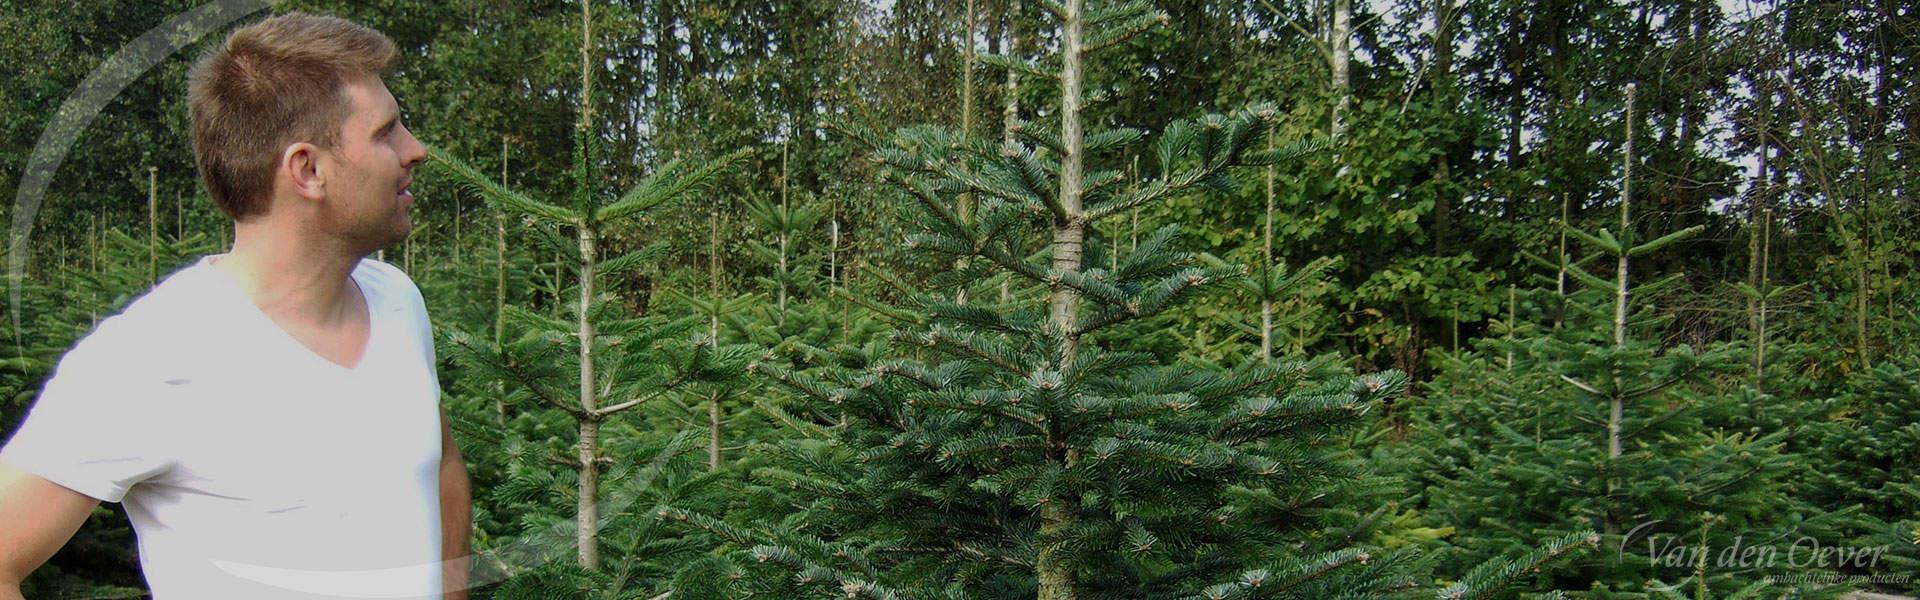 kerstbomen kwekerij mark van den oever